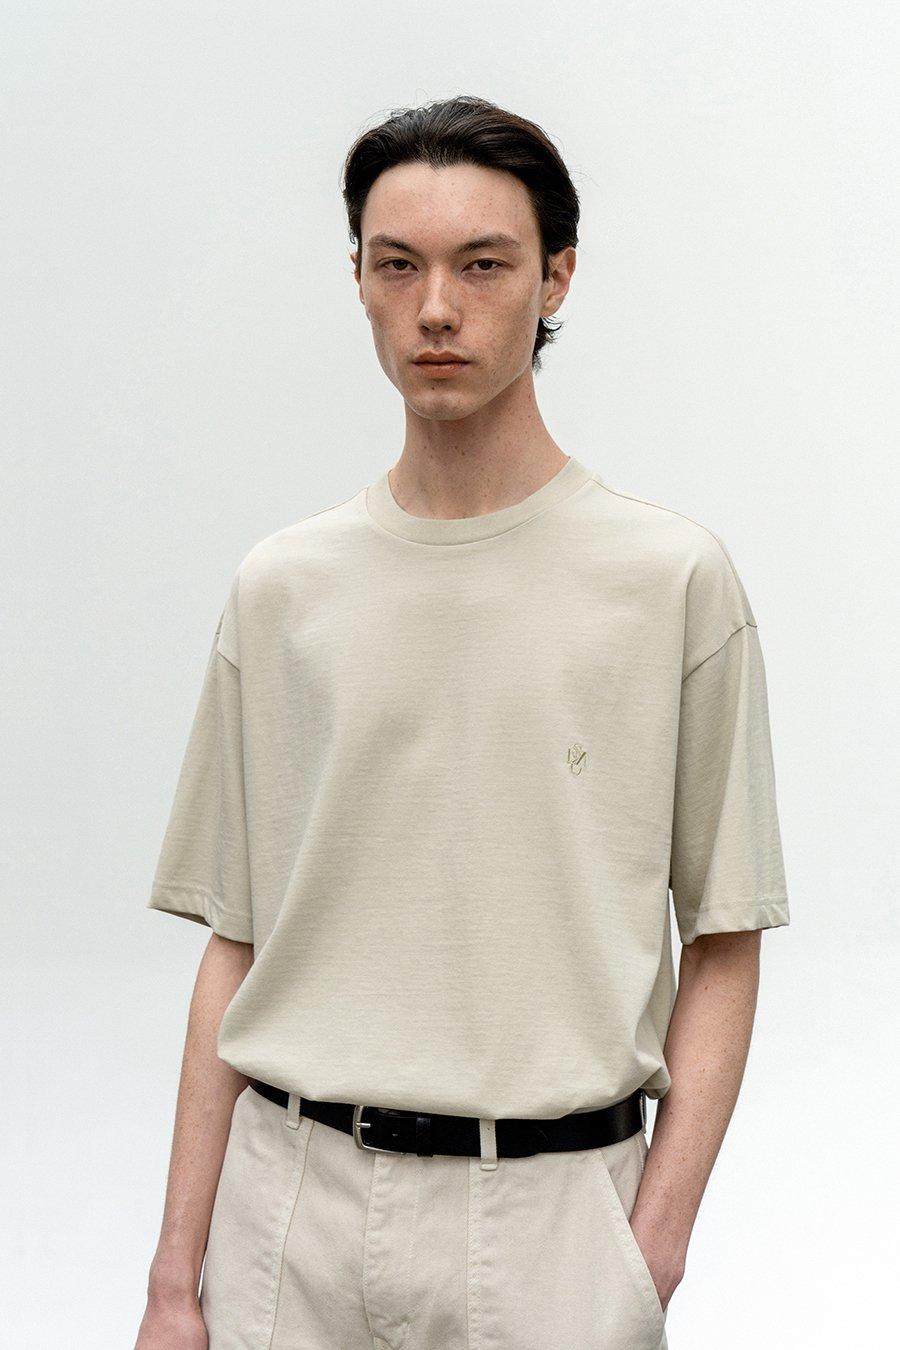 인사일런스(IN SILENCE) 엠브로이더리 로고 티셔츠 GREY BEIGE